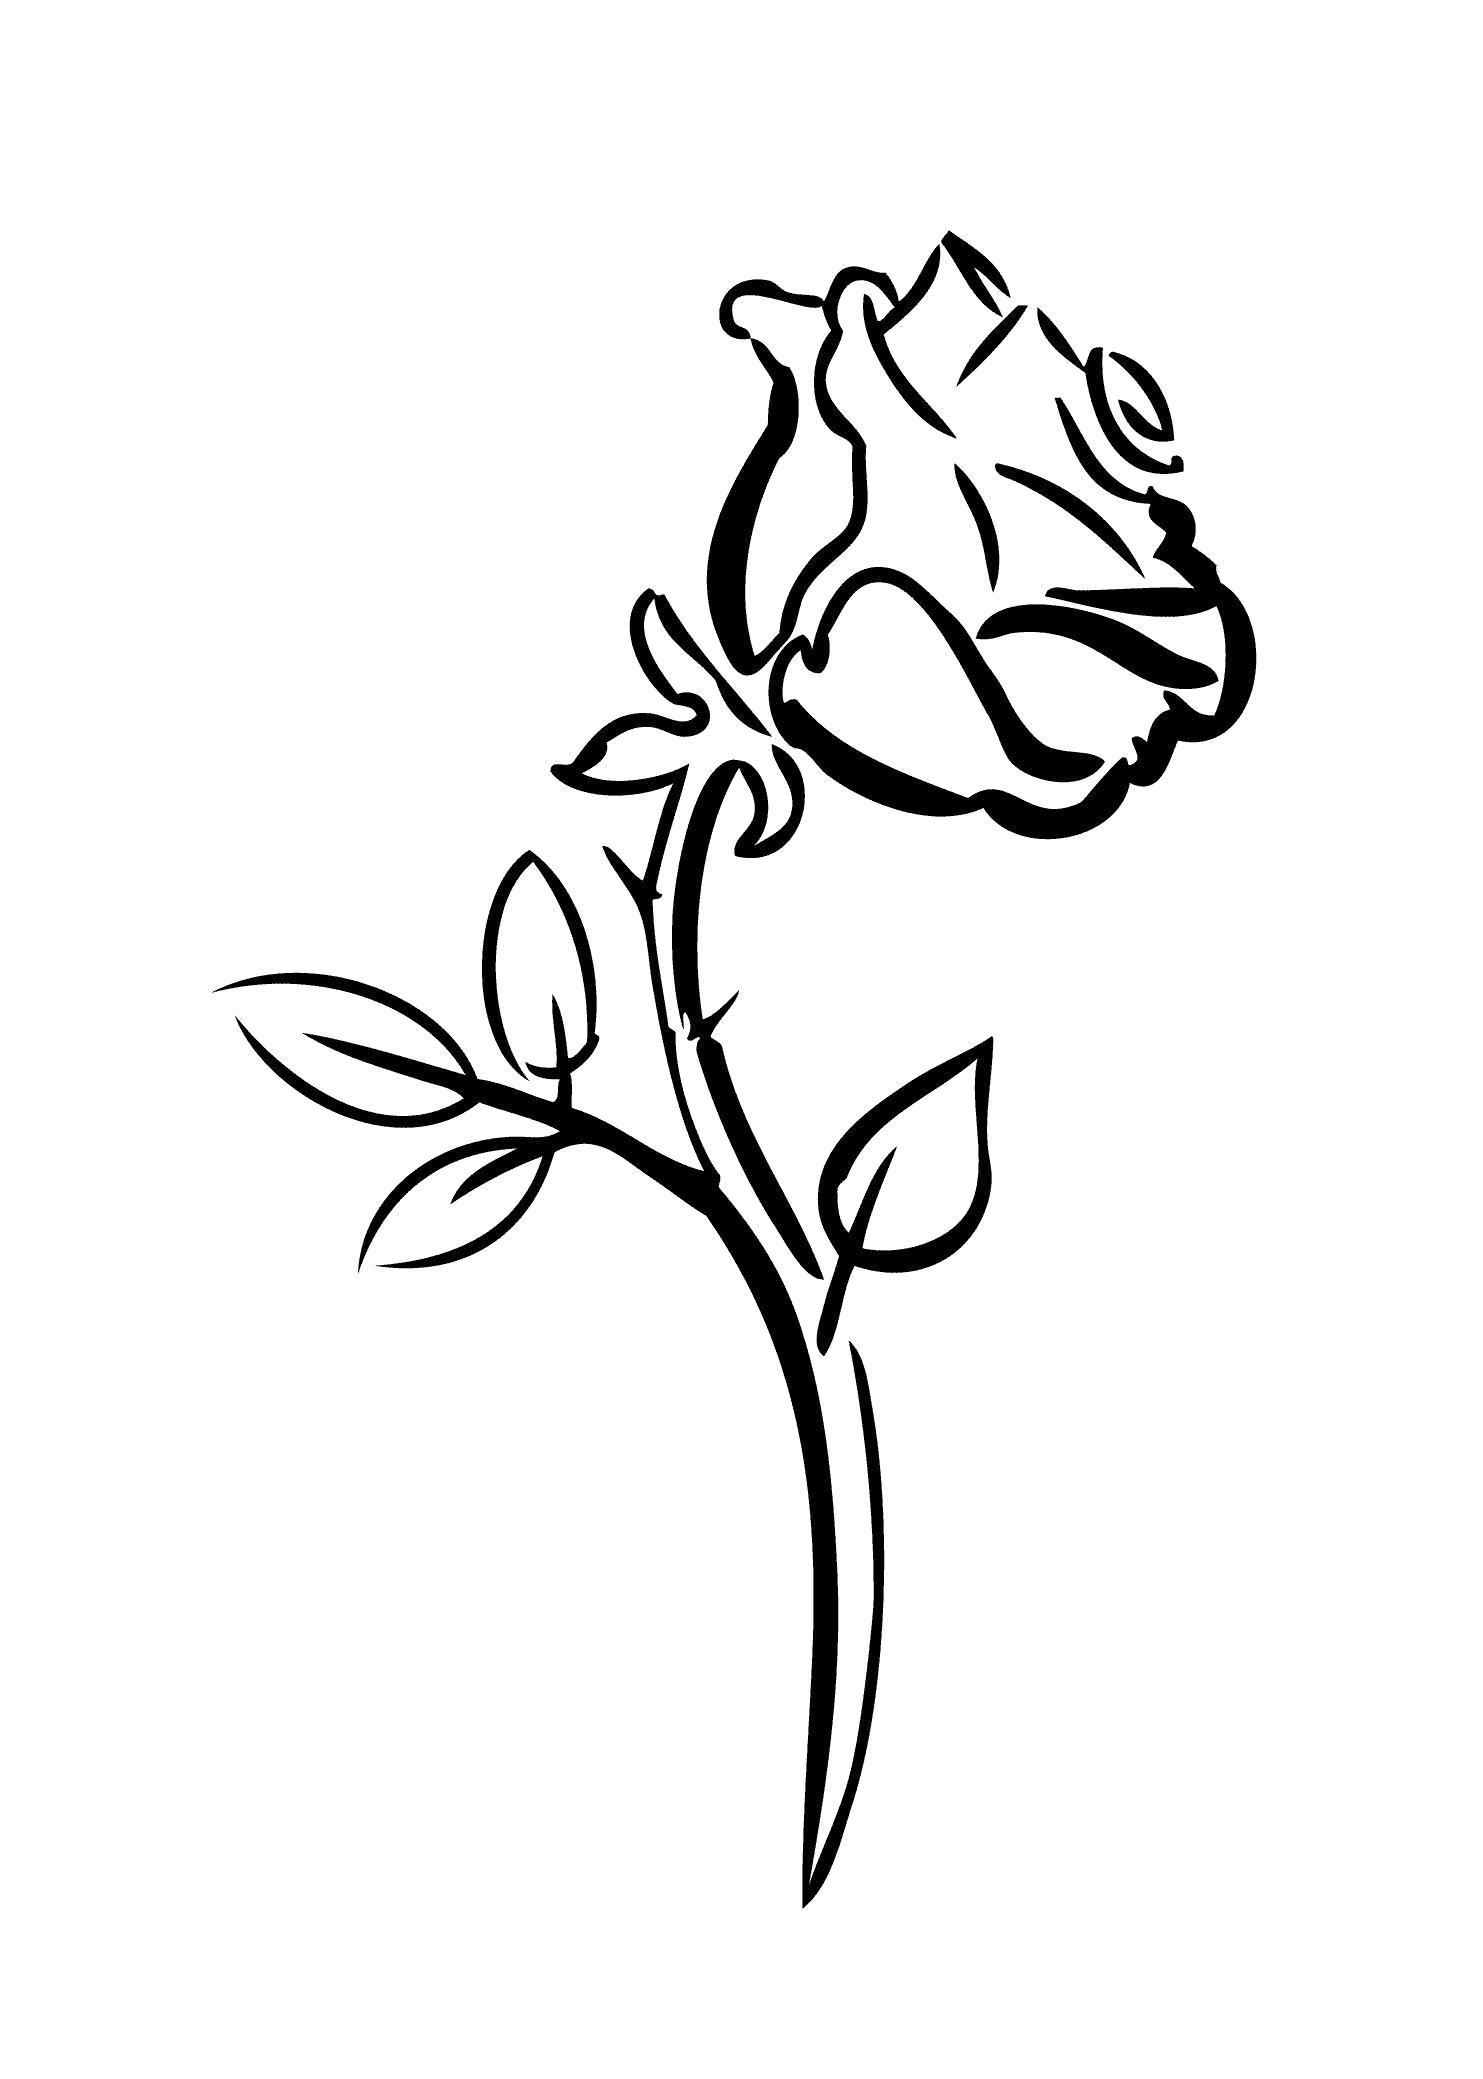 Раскраска Роза. Скачать Цветок.  Распечатать Цветок